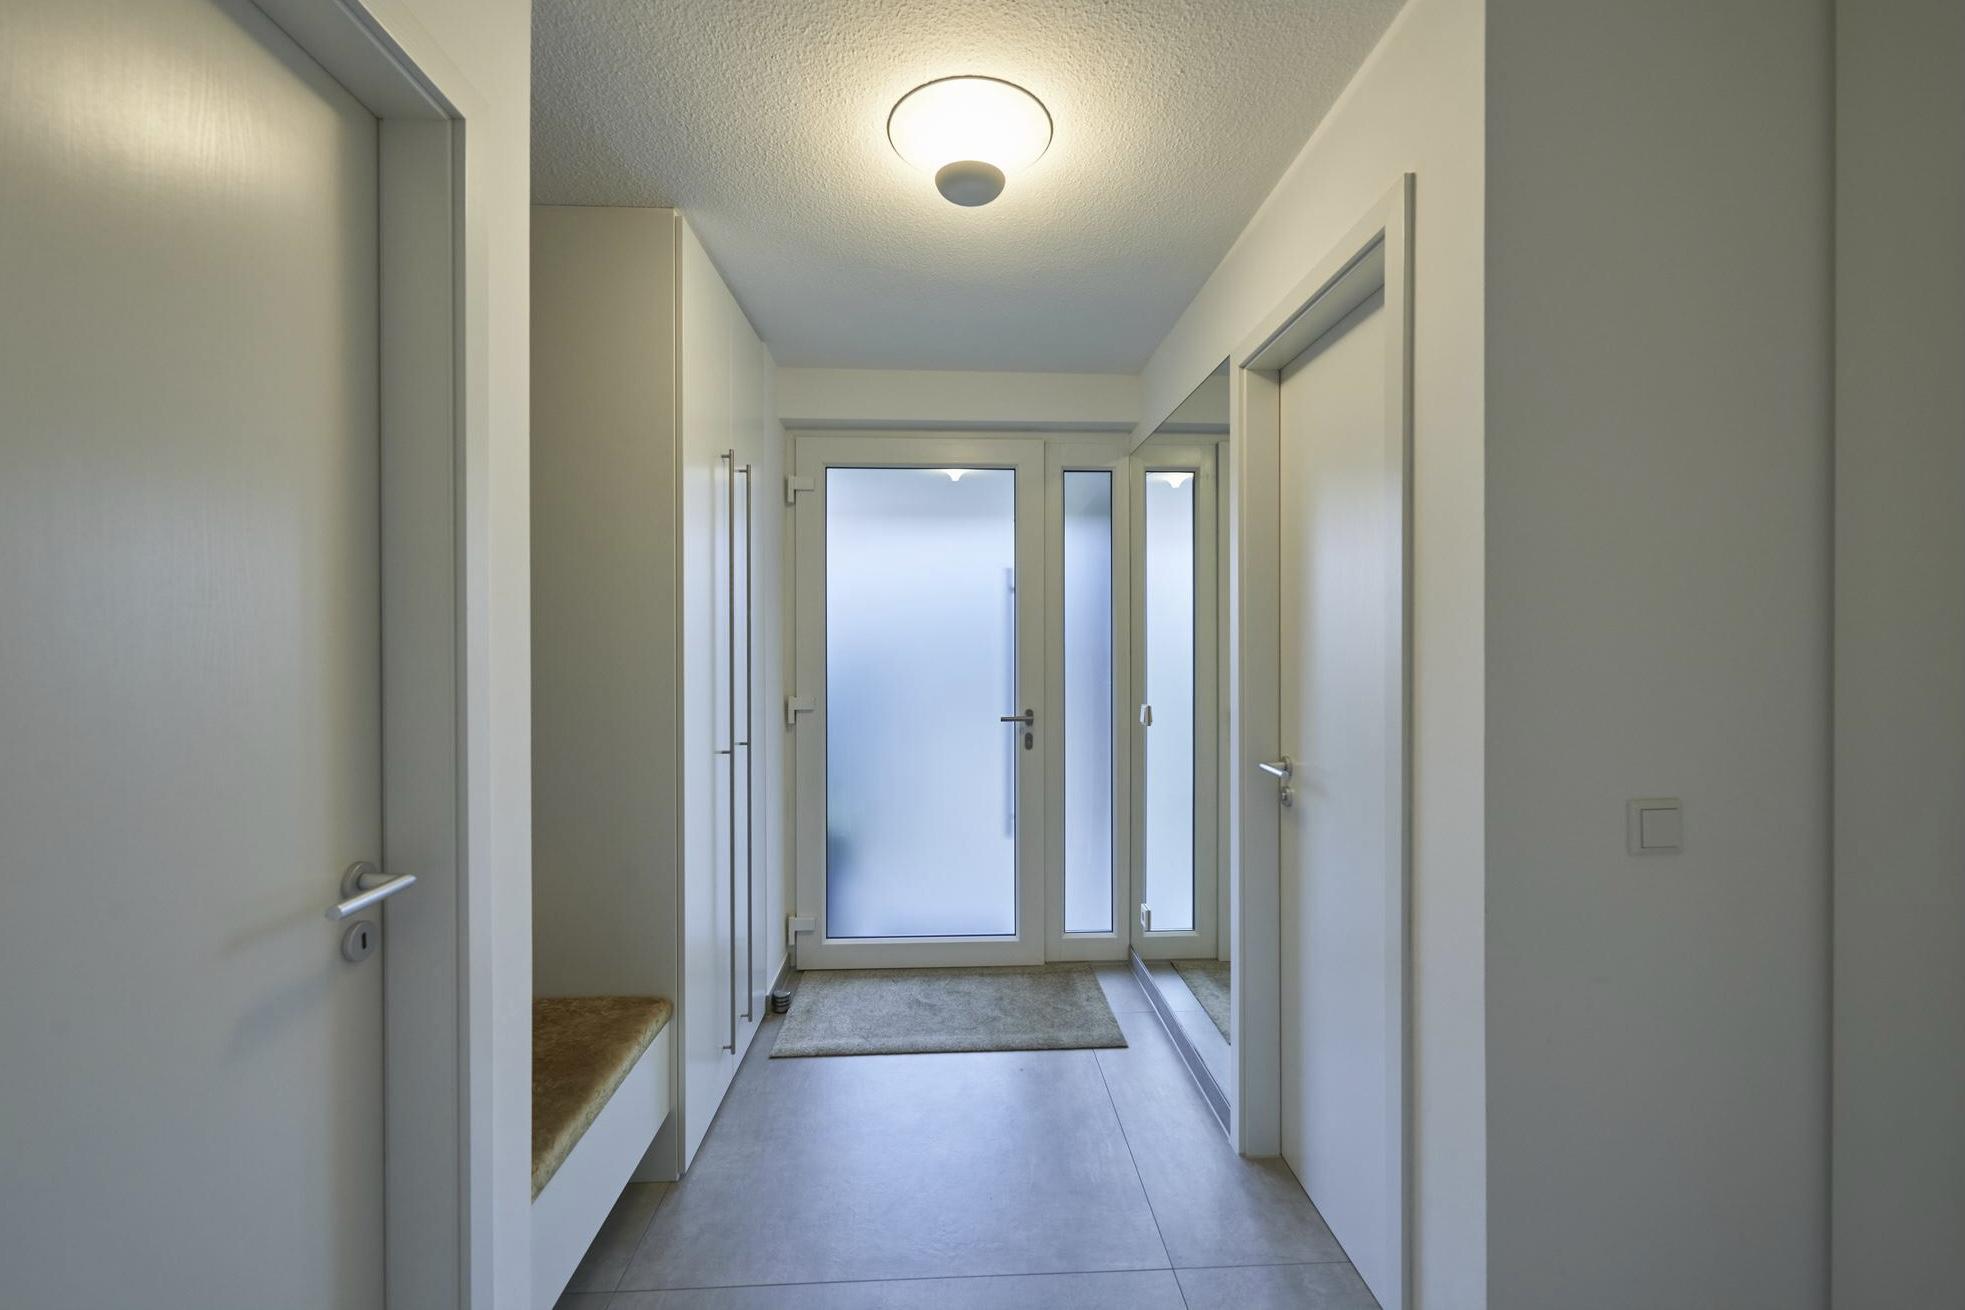 www.ideenraumgeben.de-renovierung-eines-wohnraums-mit-effektfeuer-8e400876-6f5f-4ed6-97a6-71b336787dad